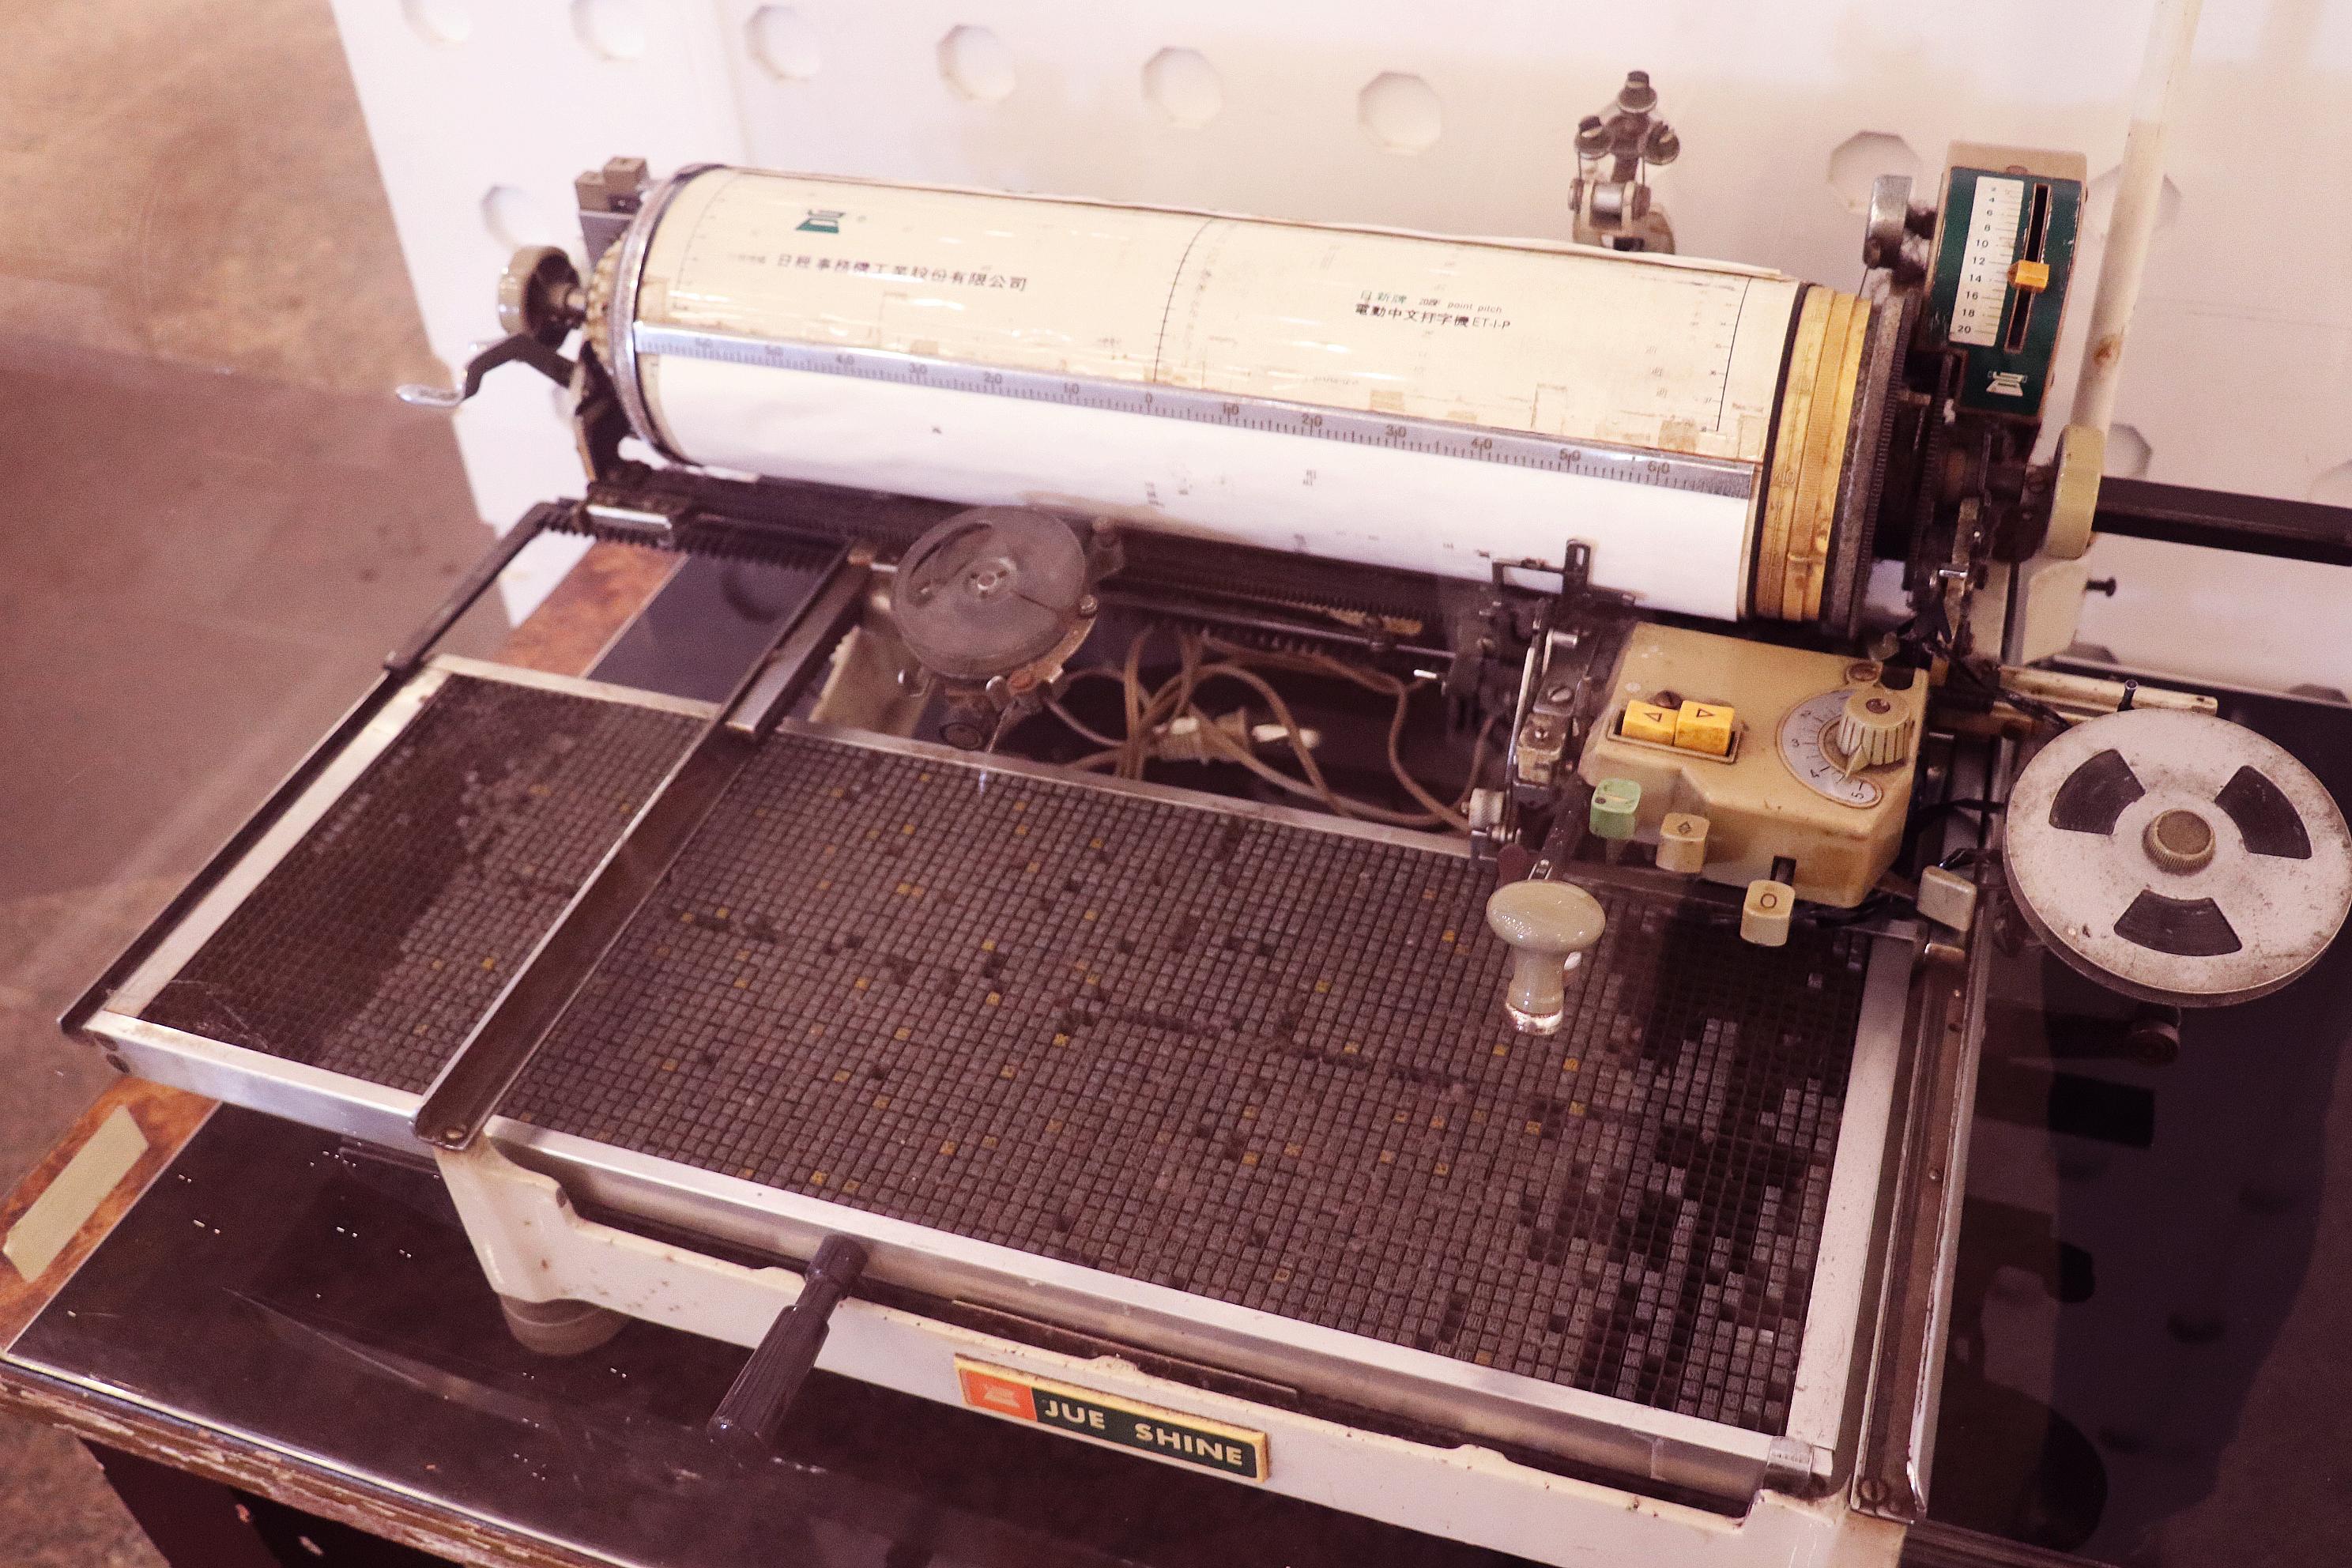 大廳內的展物-活字印刷機。